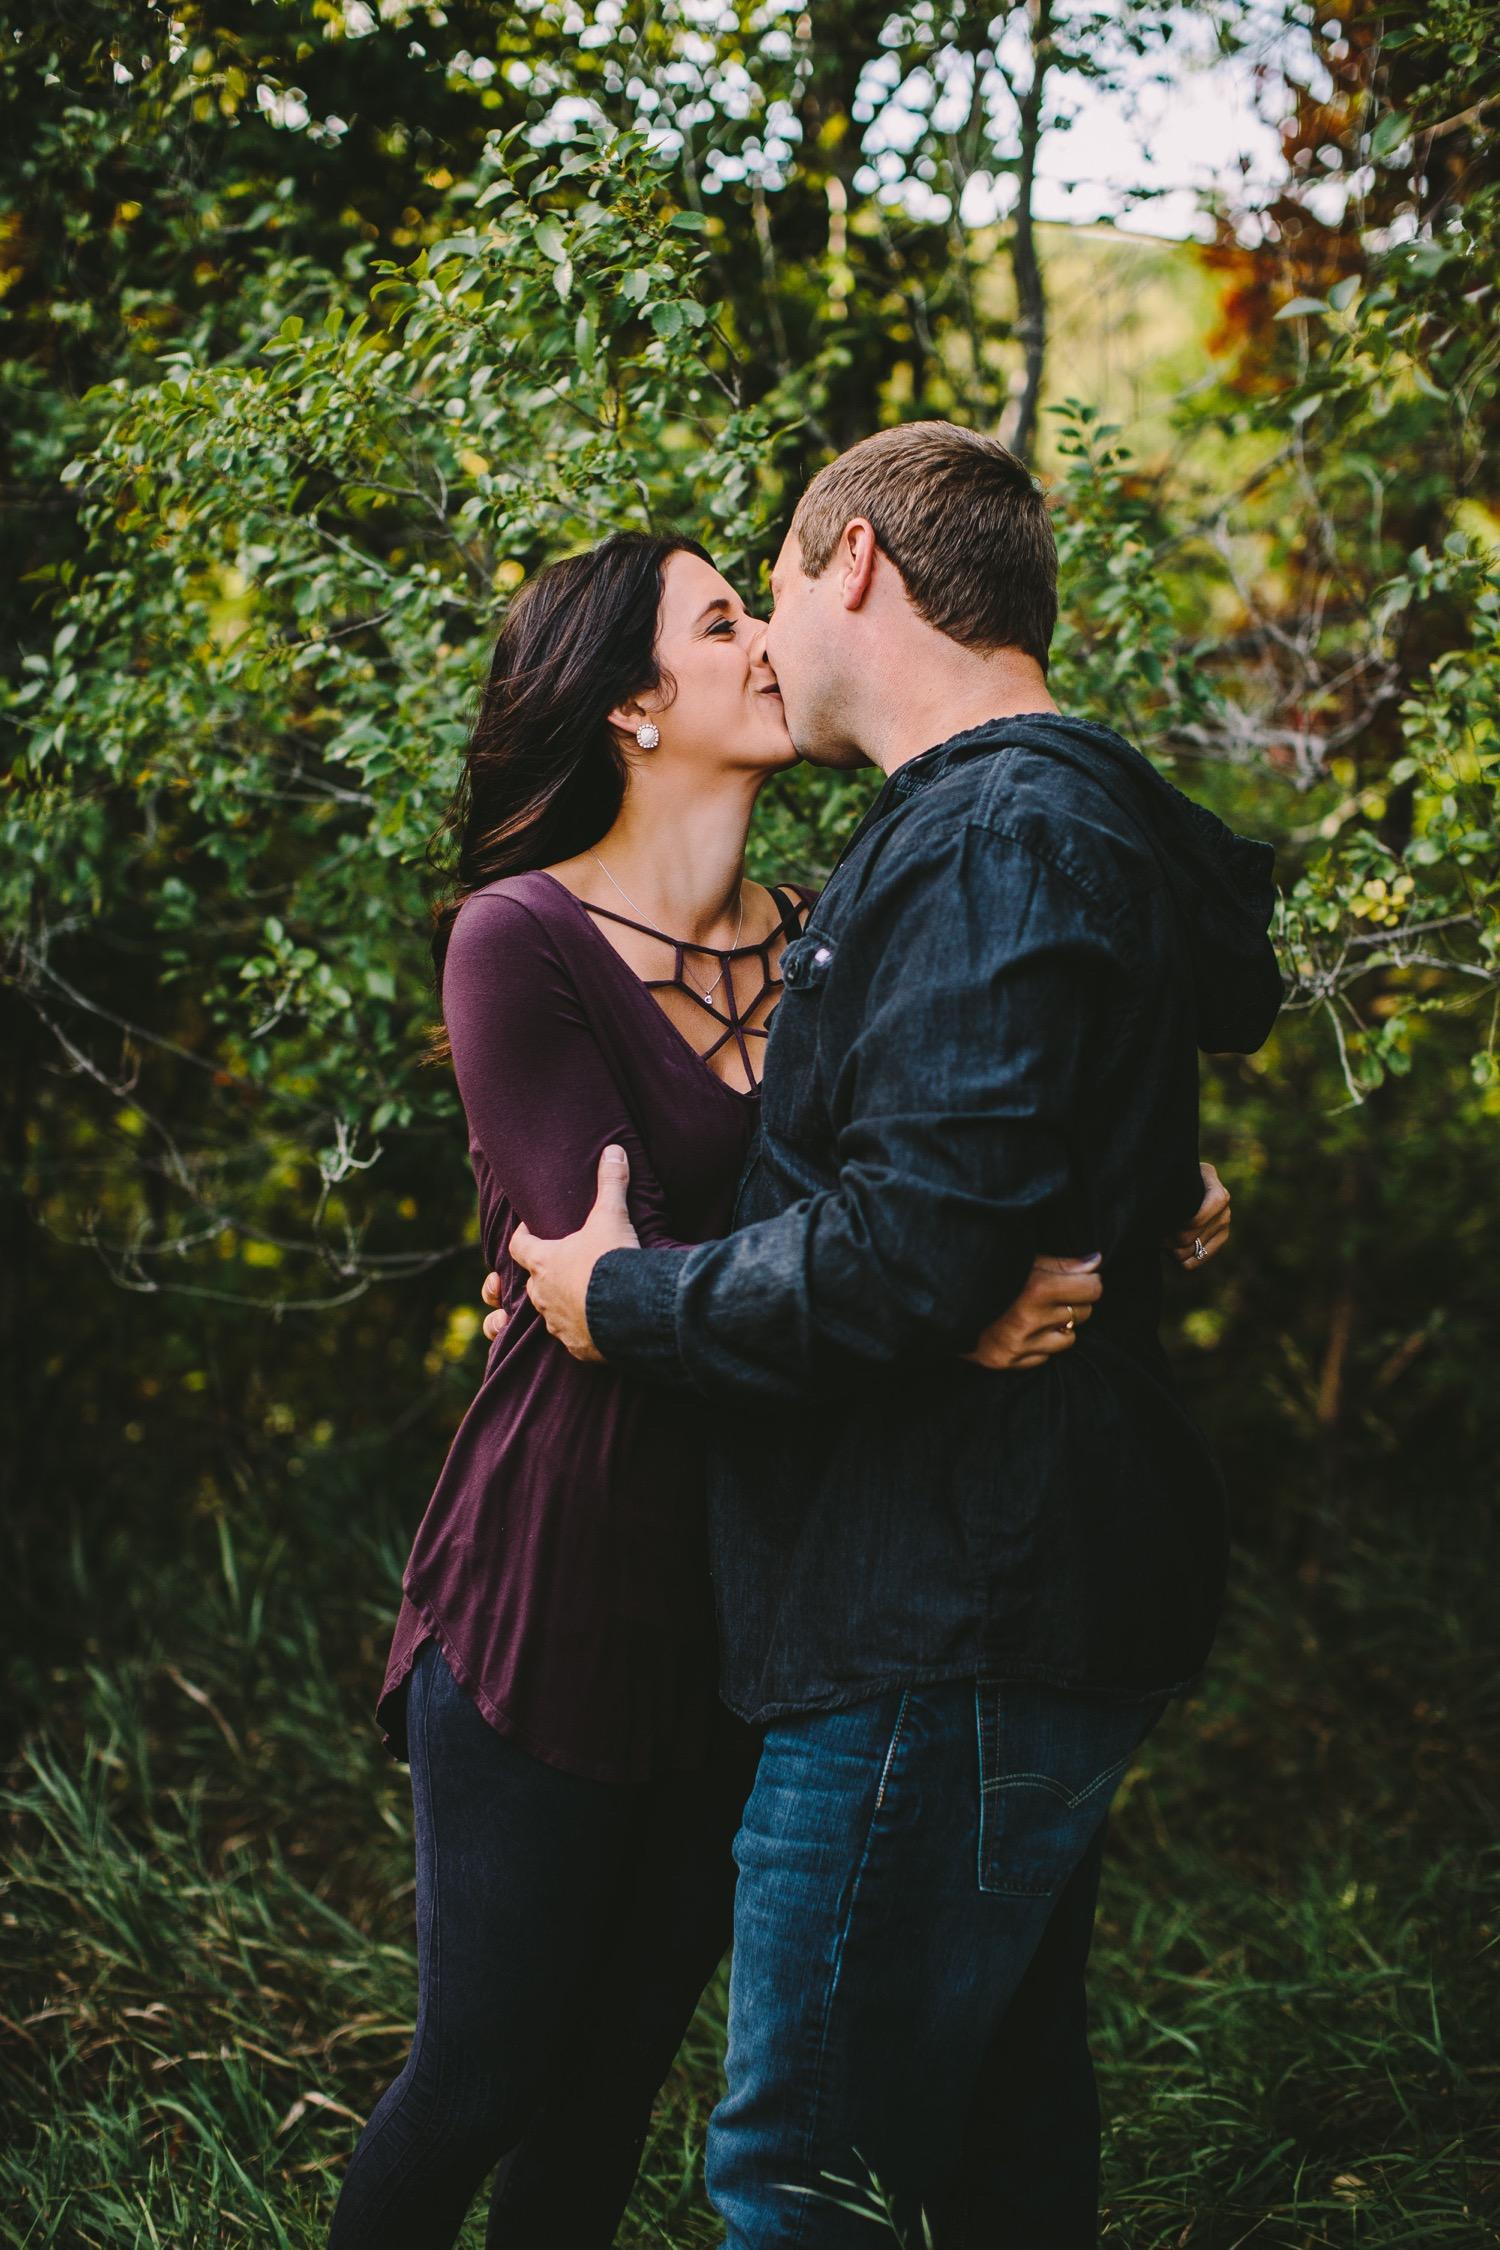 Hoe maak je een groot dating profiel te schrijven